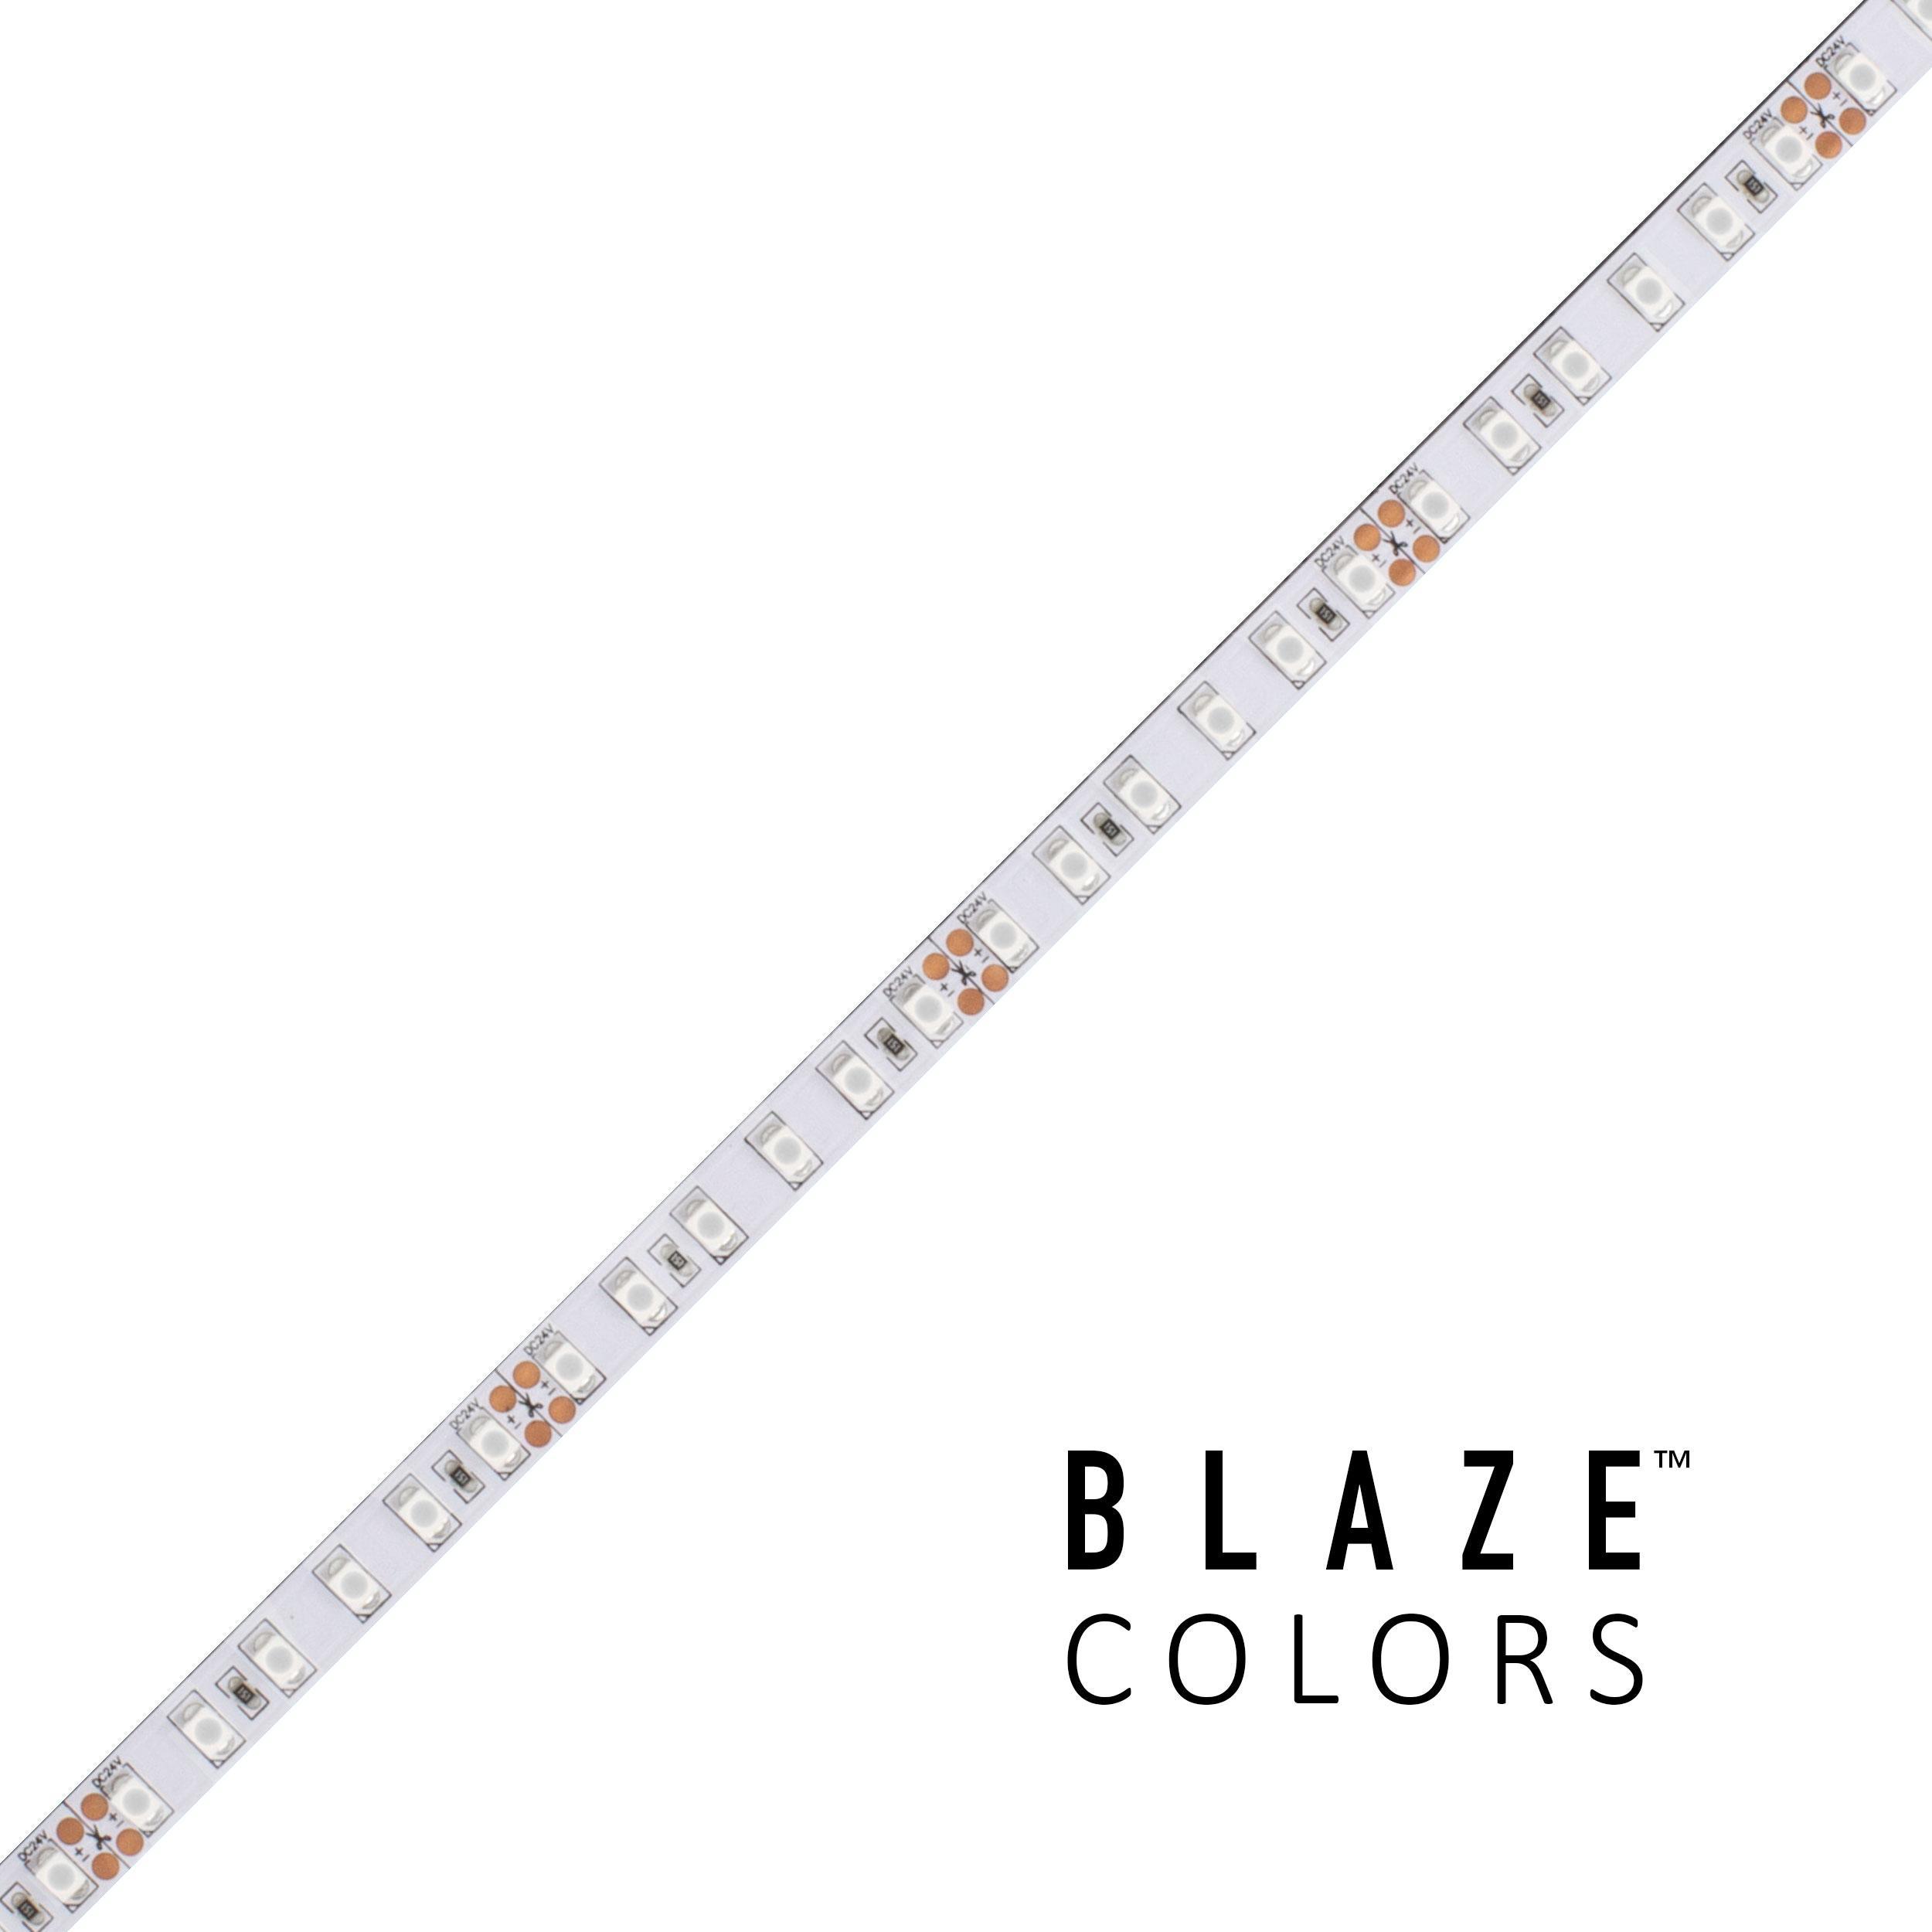 BLAZE™ Colors